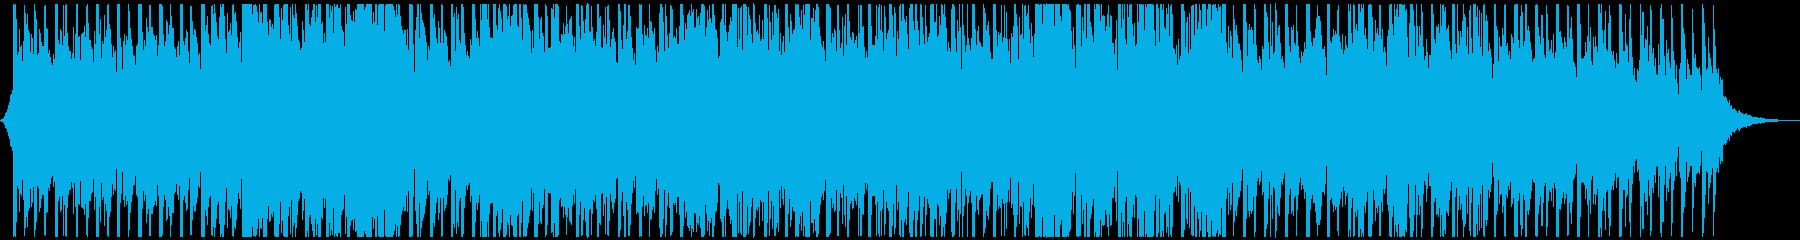 ラウンジ、高速。クレッシェンド。 ...の再生済みの波形